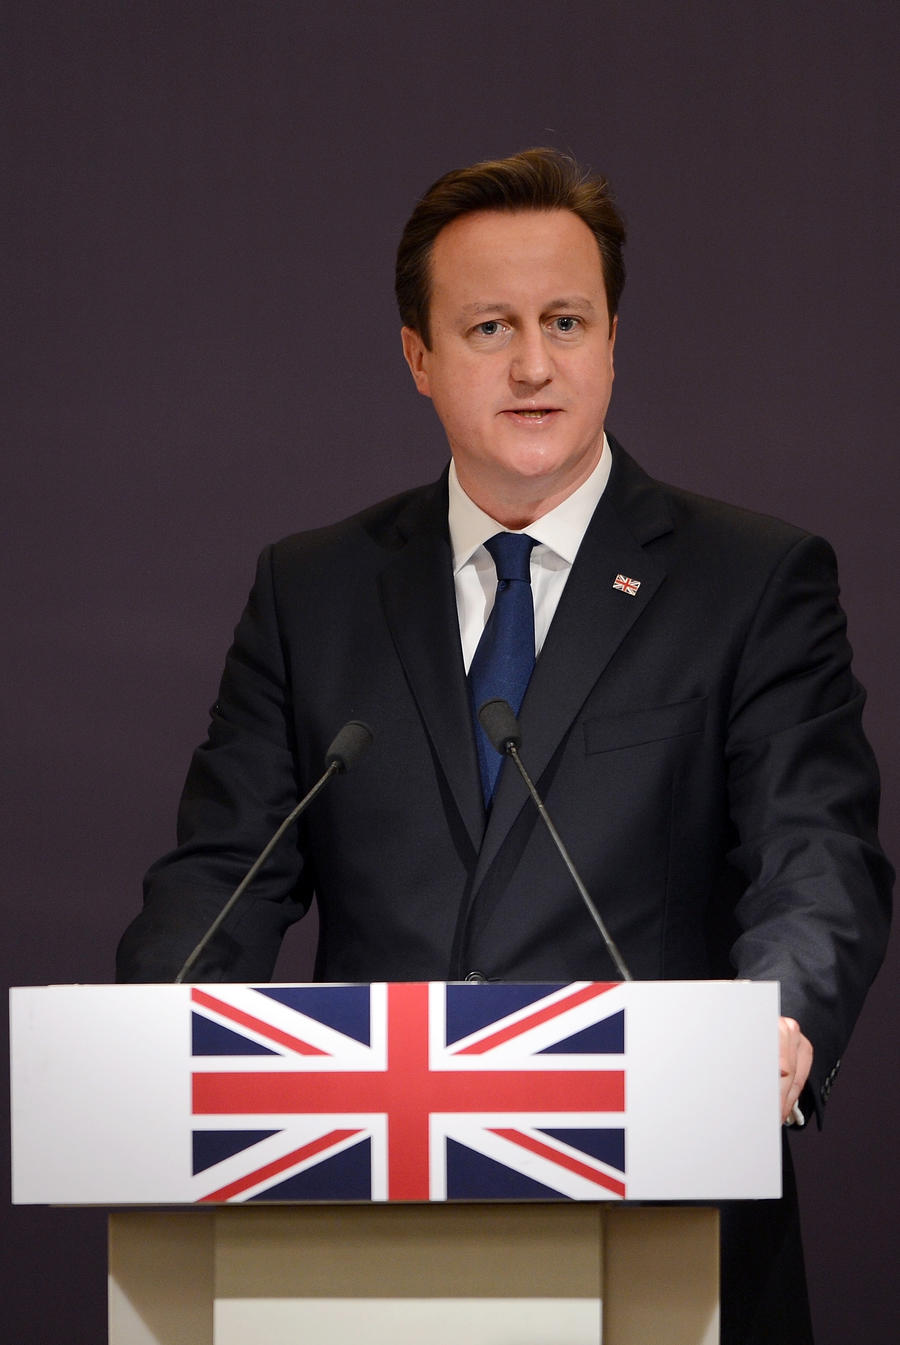 Дэвид Кэмерон: Британское правительство запретит текстовые сервисы с шифрованием данных